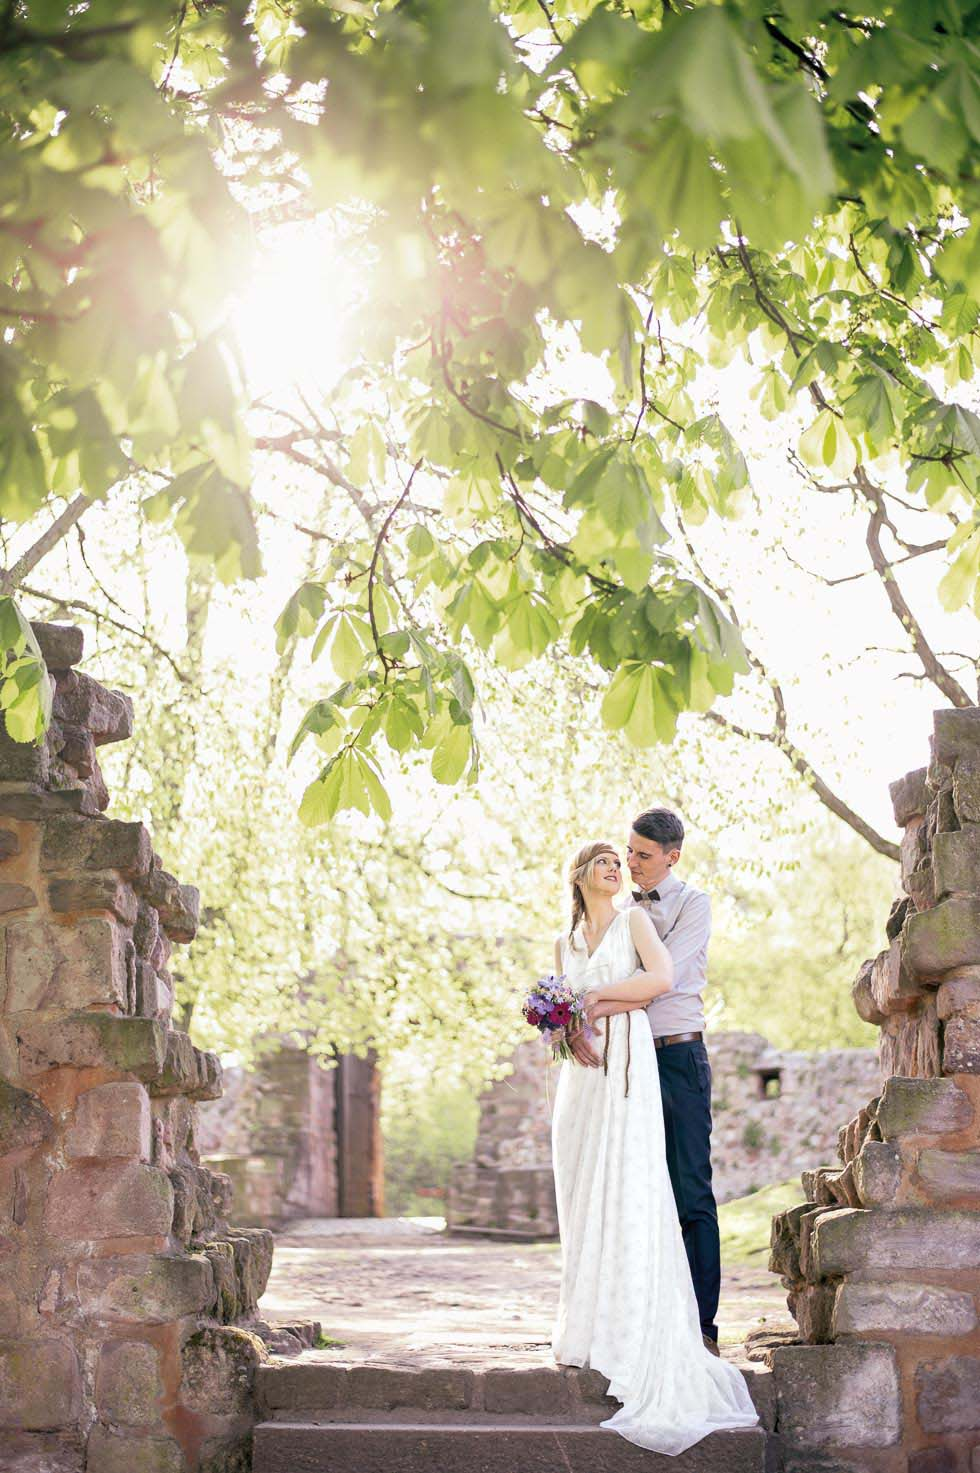 Hochzeitsshoot in Unterburg am Kyffhäuser-Denkmal von Magdalena Kruse